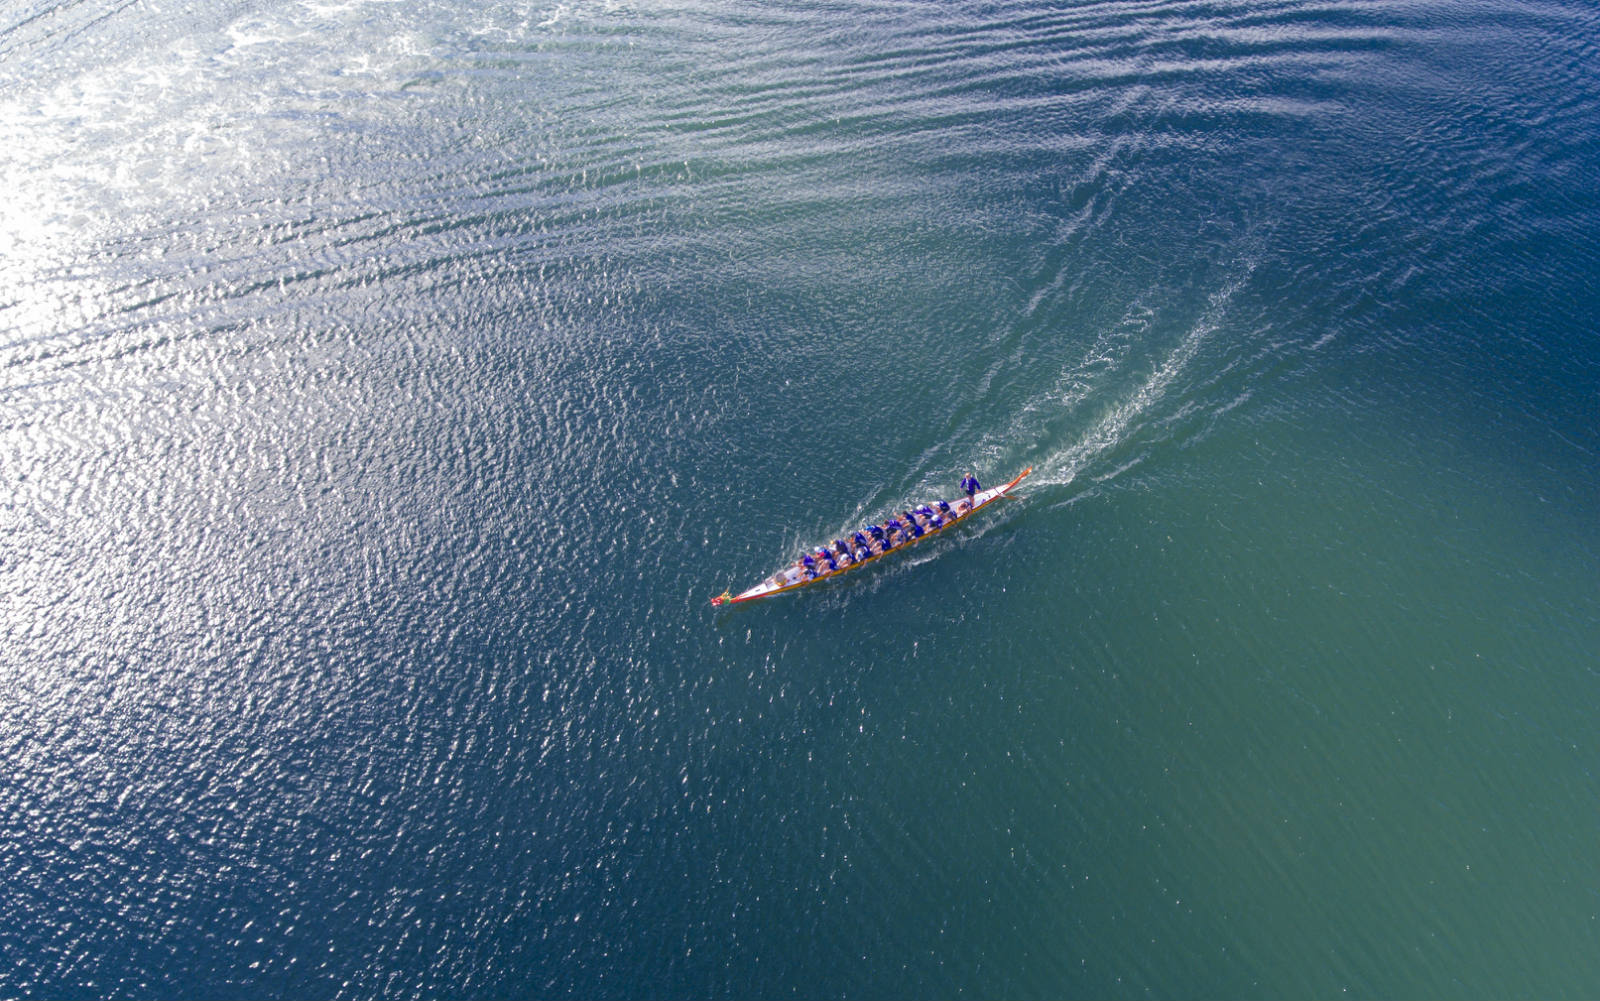 在迎接端午节的到来,澳洲华人王娇娇在天猫上购买一艘来自杭州千岛湖的龙舟行驶在澳洲悉尼情人港3_meitu_6